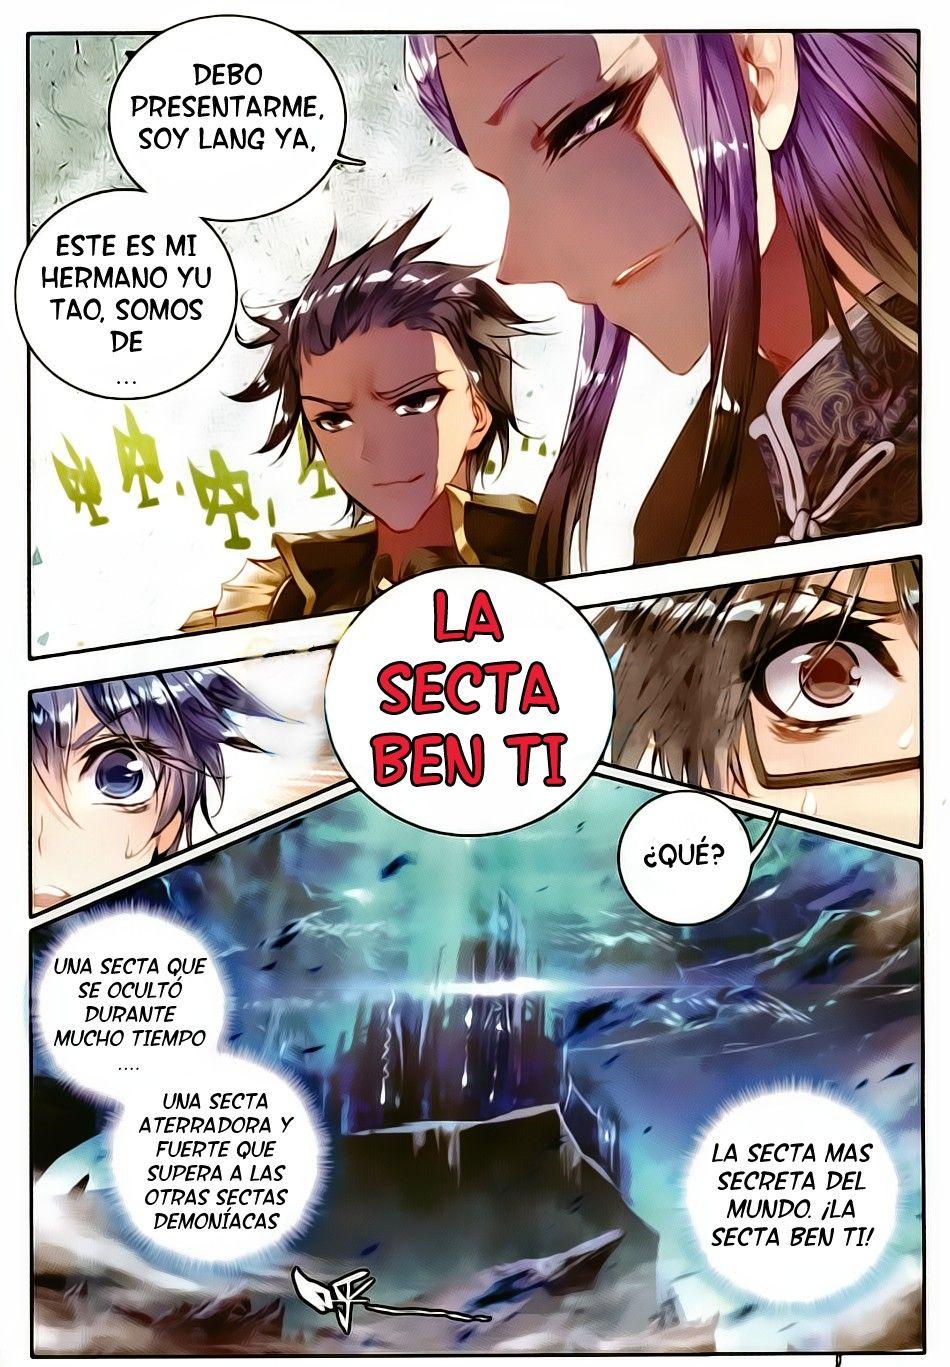 http://c5.ninemanga.com/es_manga/pic2/33/16417/513258/7c5c19a19d6ce2d3a58c749b478ae9a2.jpg Page 9